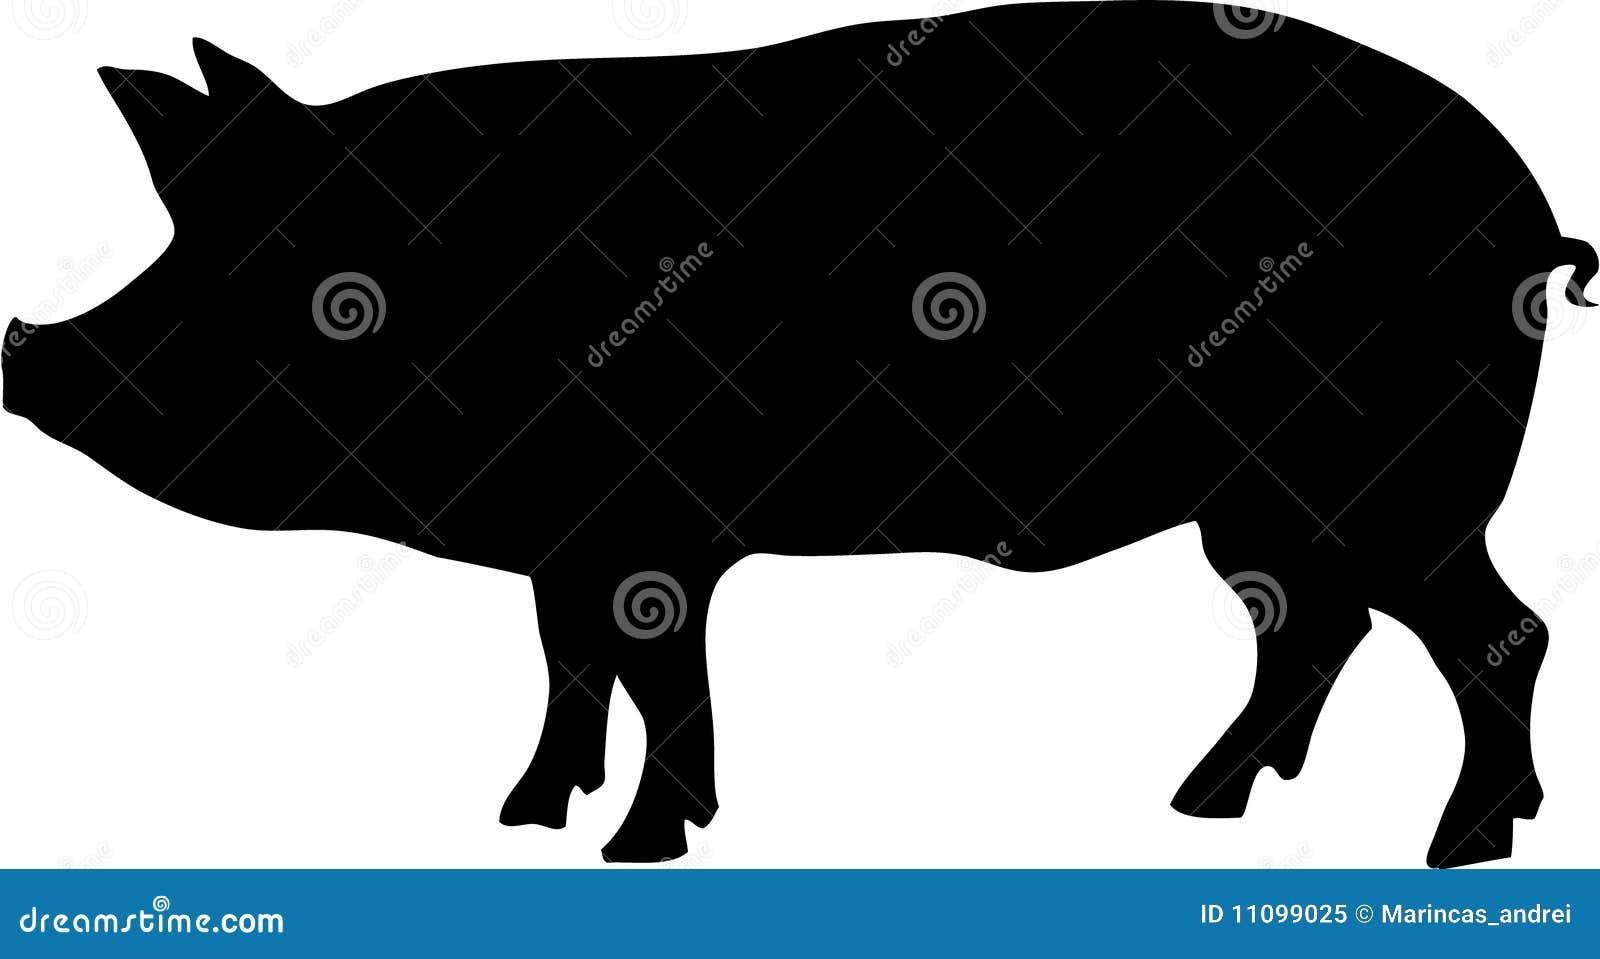 Contour of pig